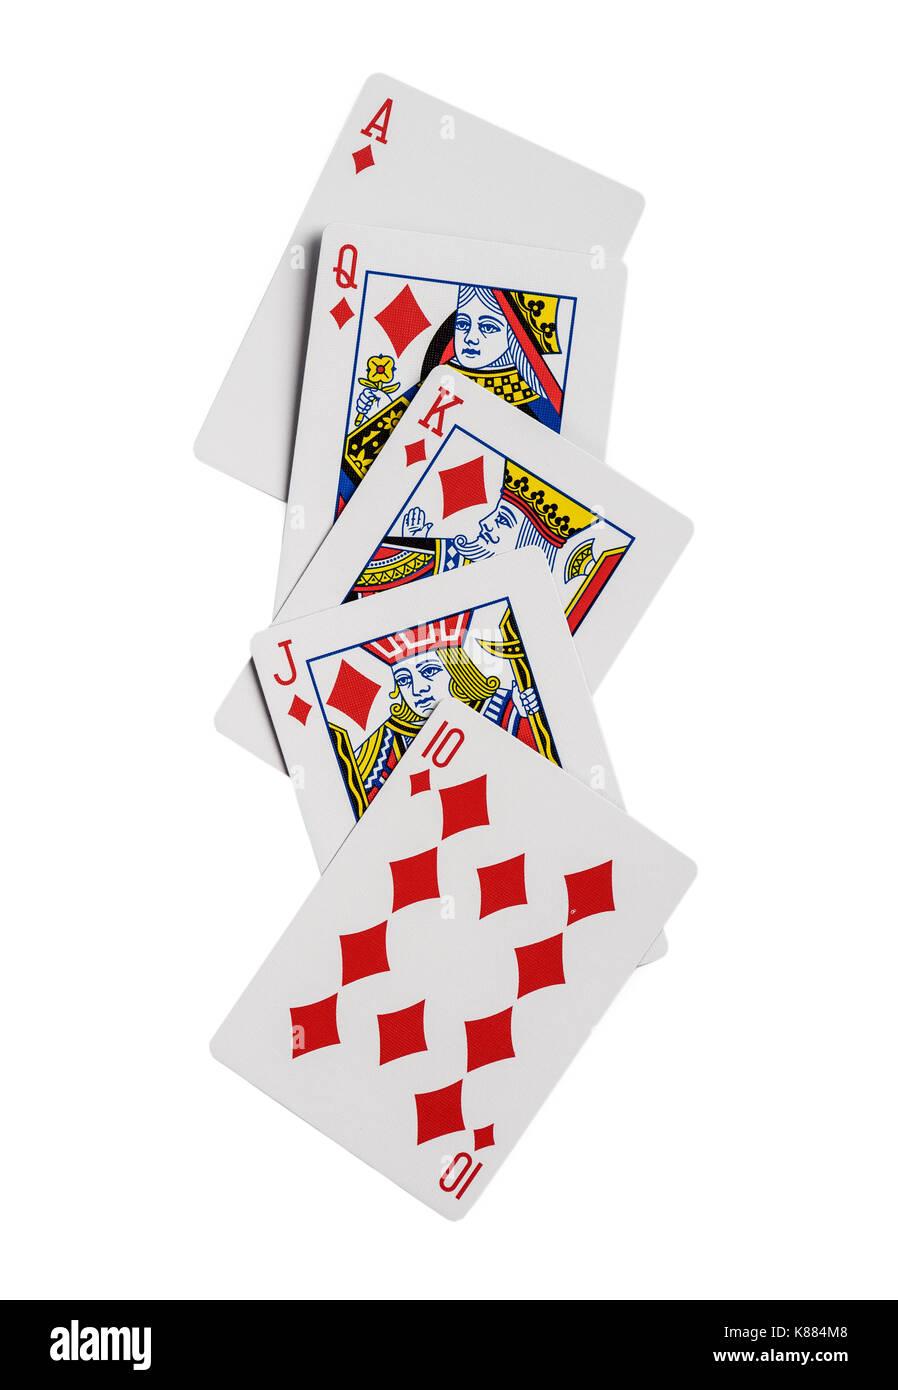 Kombination von Karten Diamanten Anzug poker casino. Auf weissem Hintergrund Stockfoto